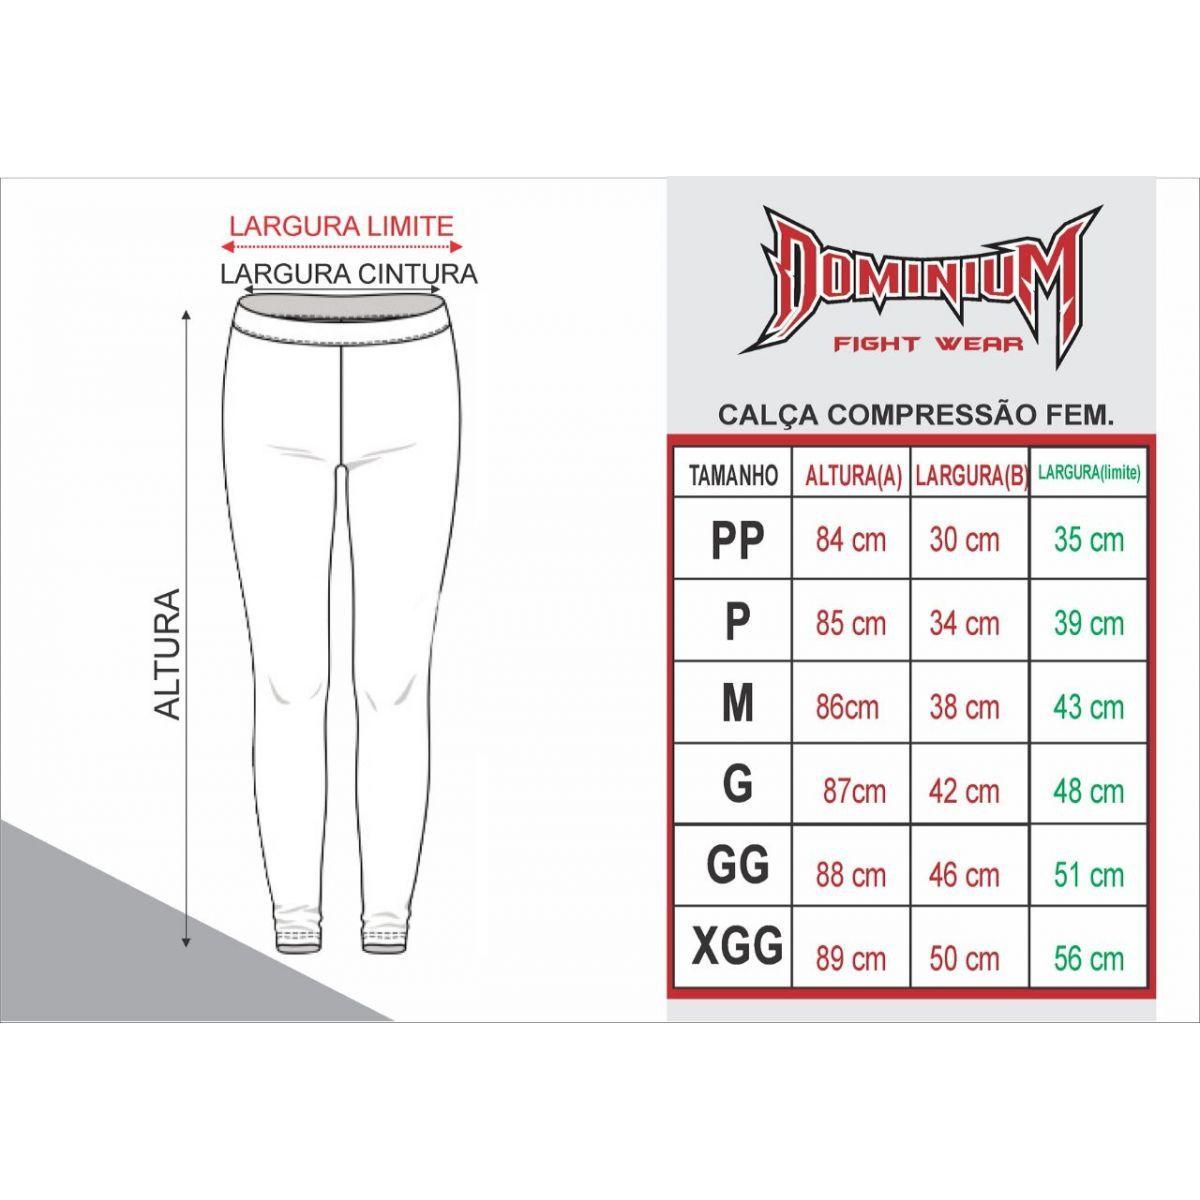 Calça de Compressão Térmica- Feminina - Kickboxing - 2165P - Preto/Branco- Dominium -  - Loja do Competidor